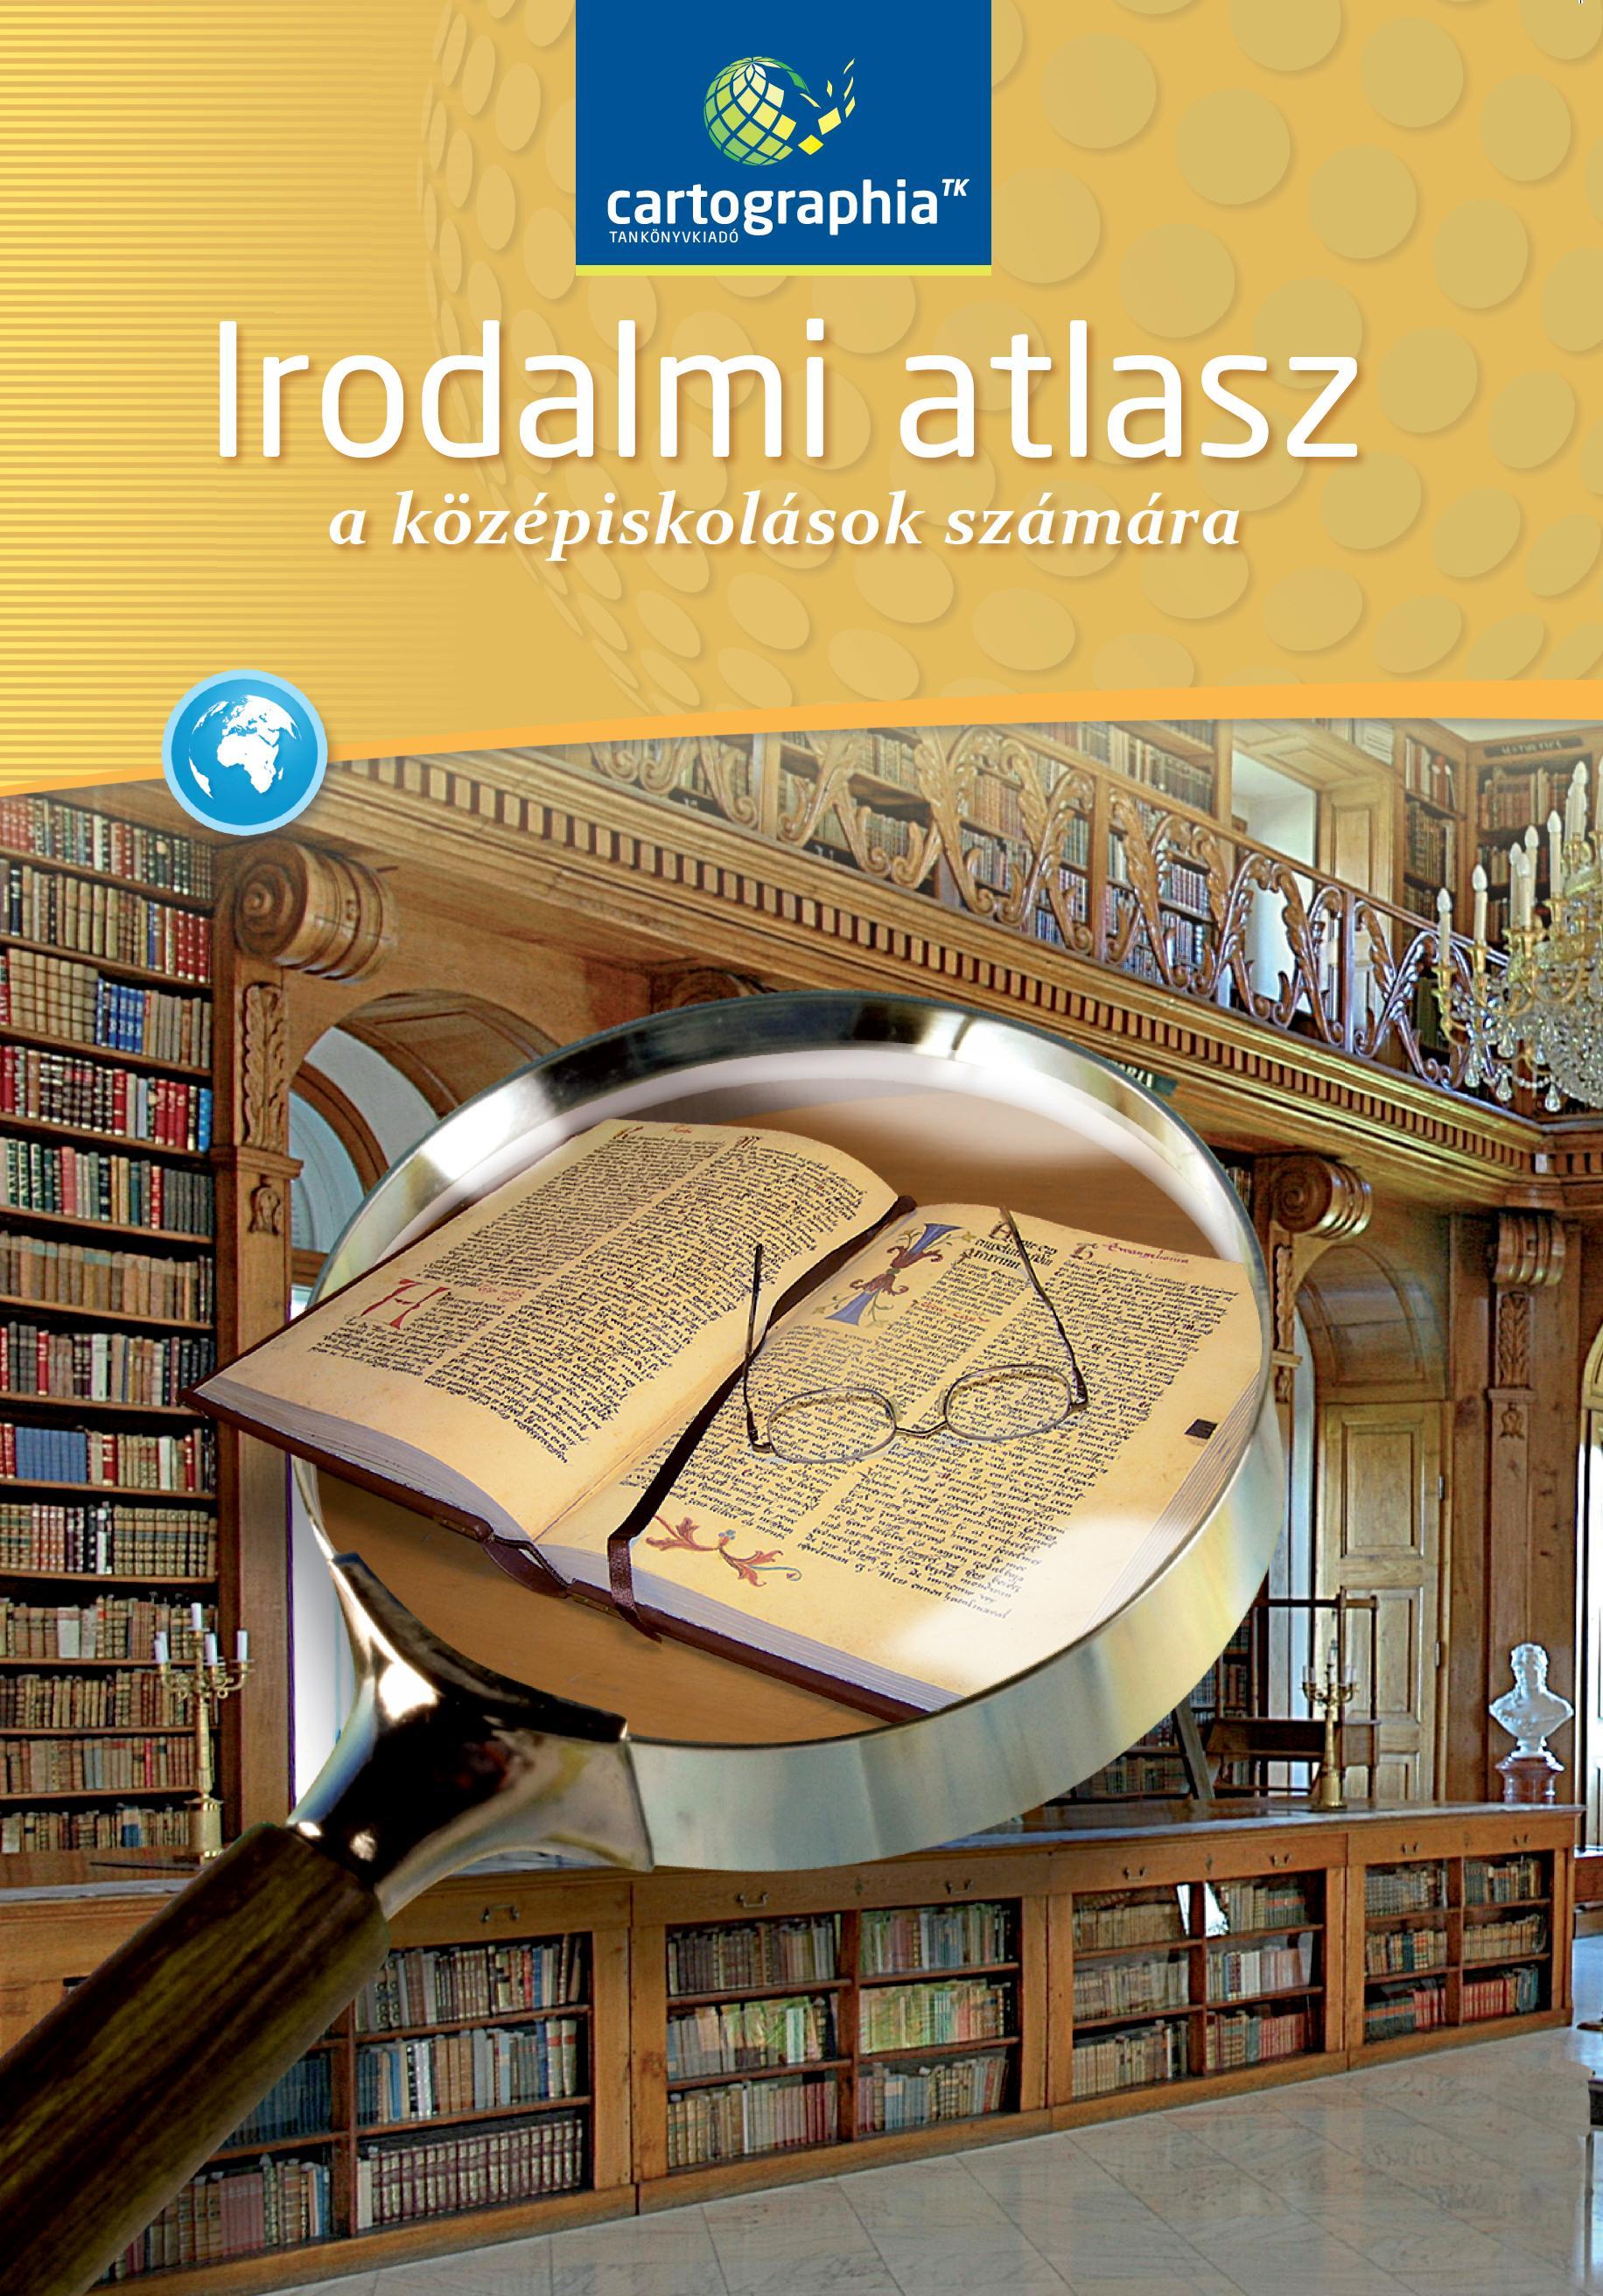 IRODALMI ATLASZ A KÖZÉPISKOLÁK SZÁMÁRA (CR-0152)